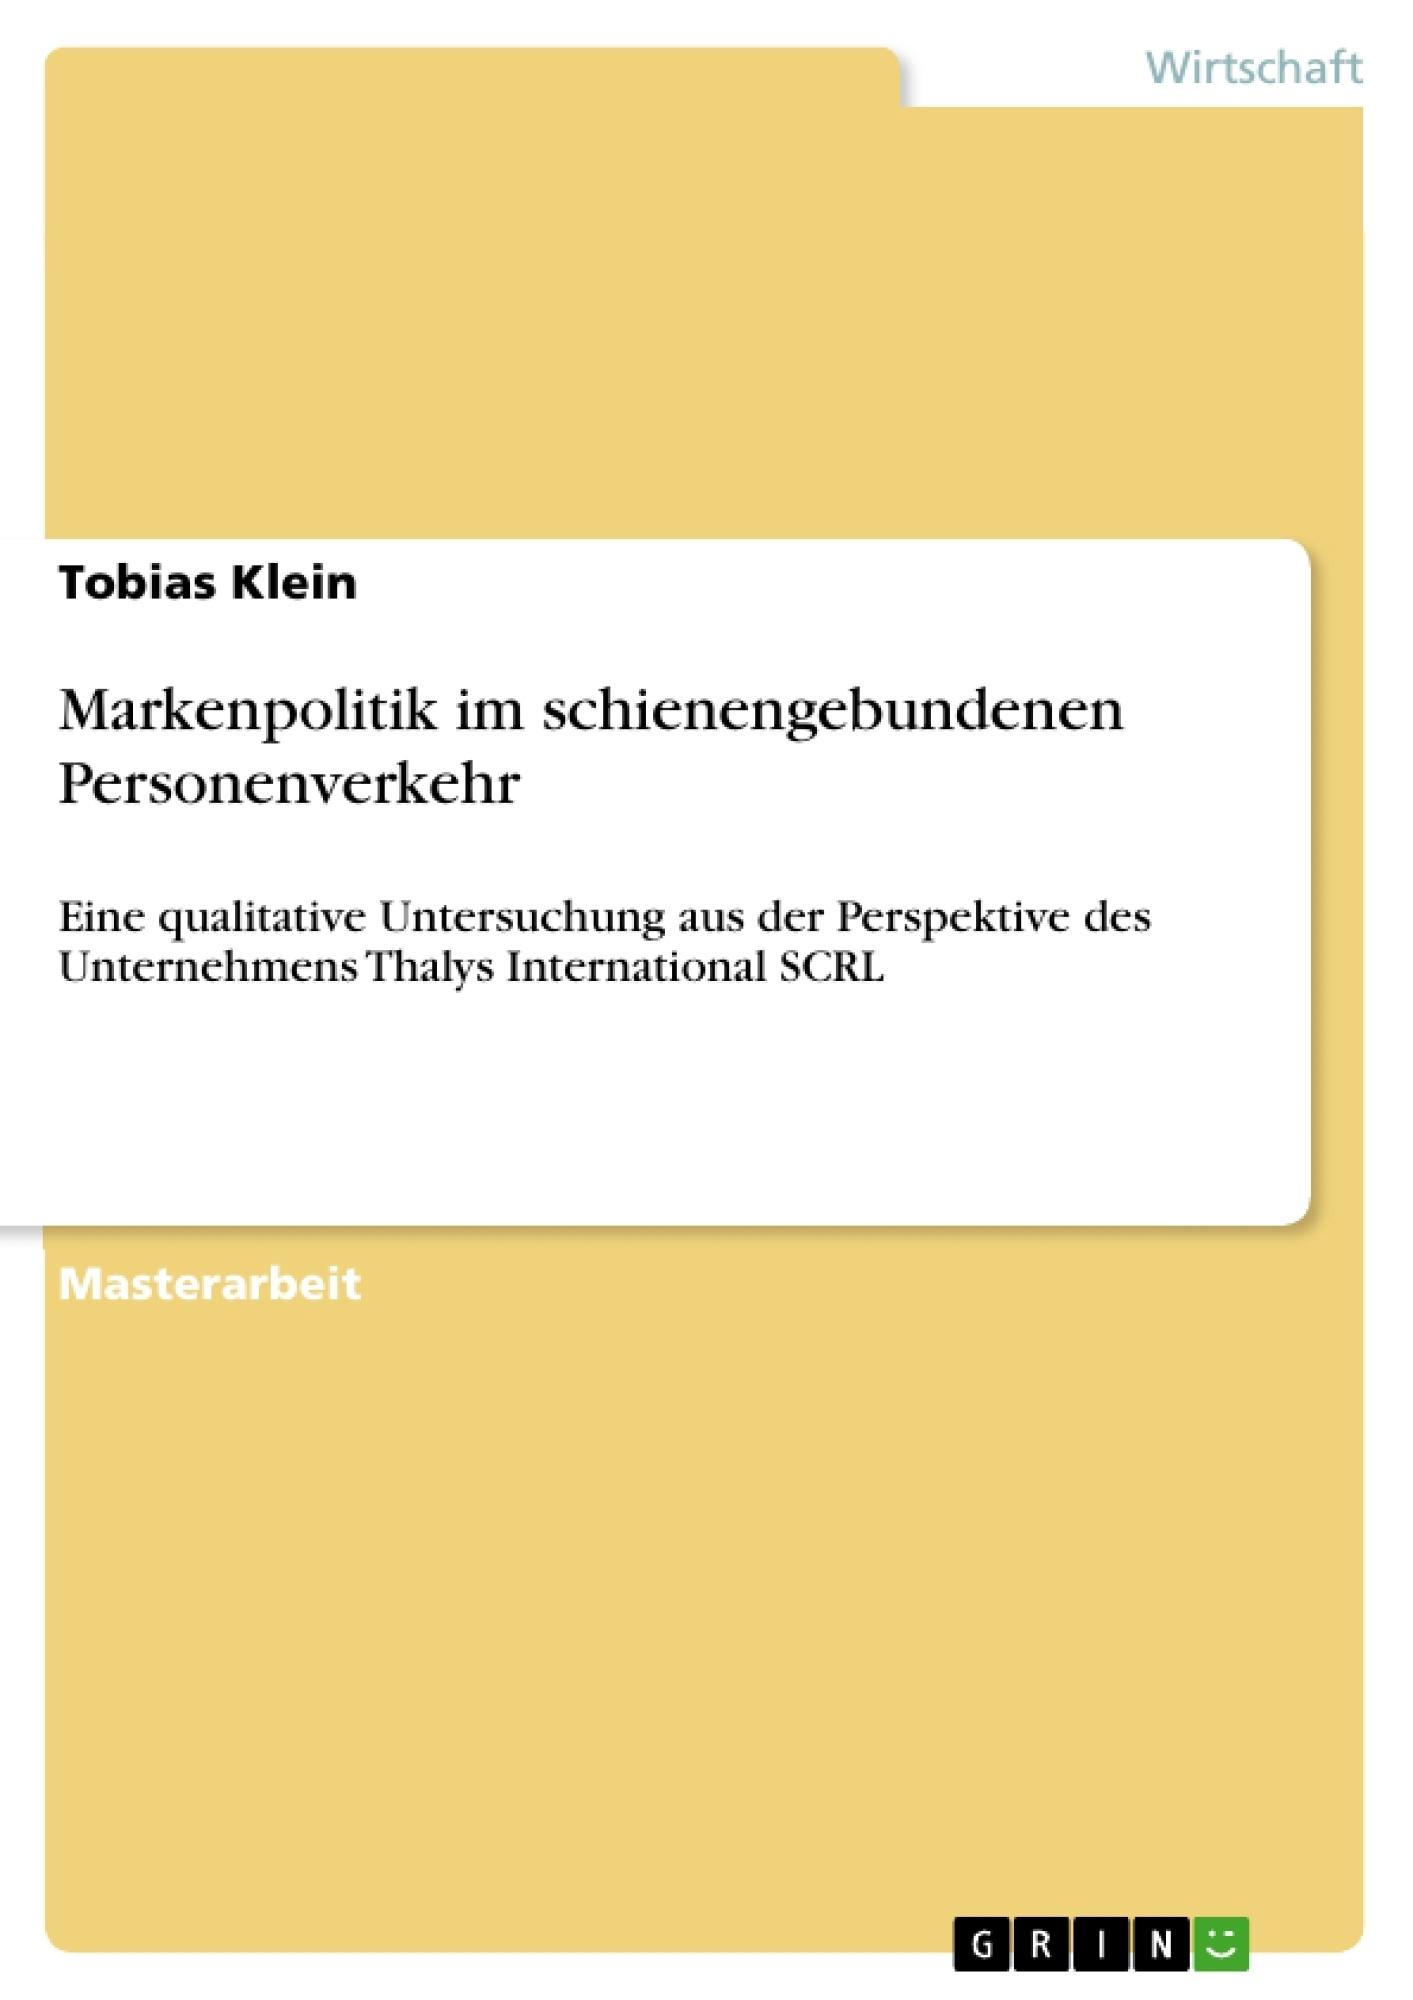 Titel: Markenpolitik im schienengebundenen Personenverkehr